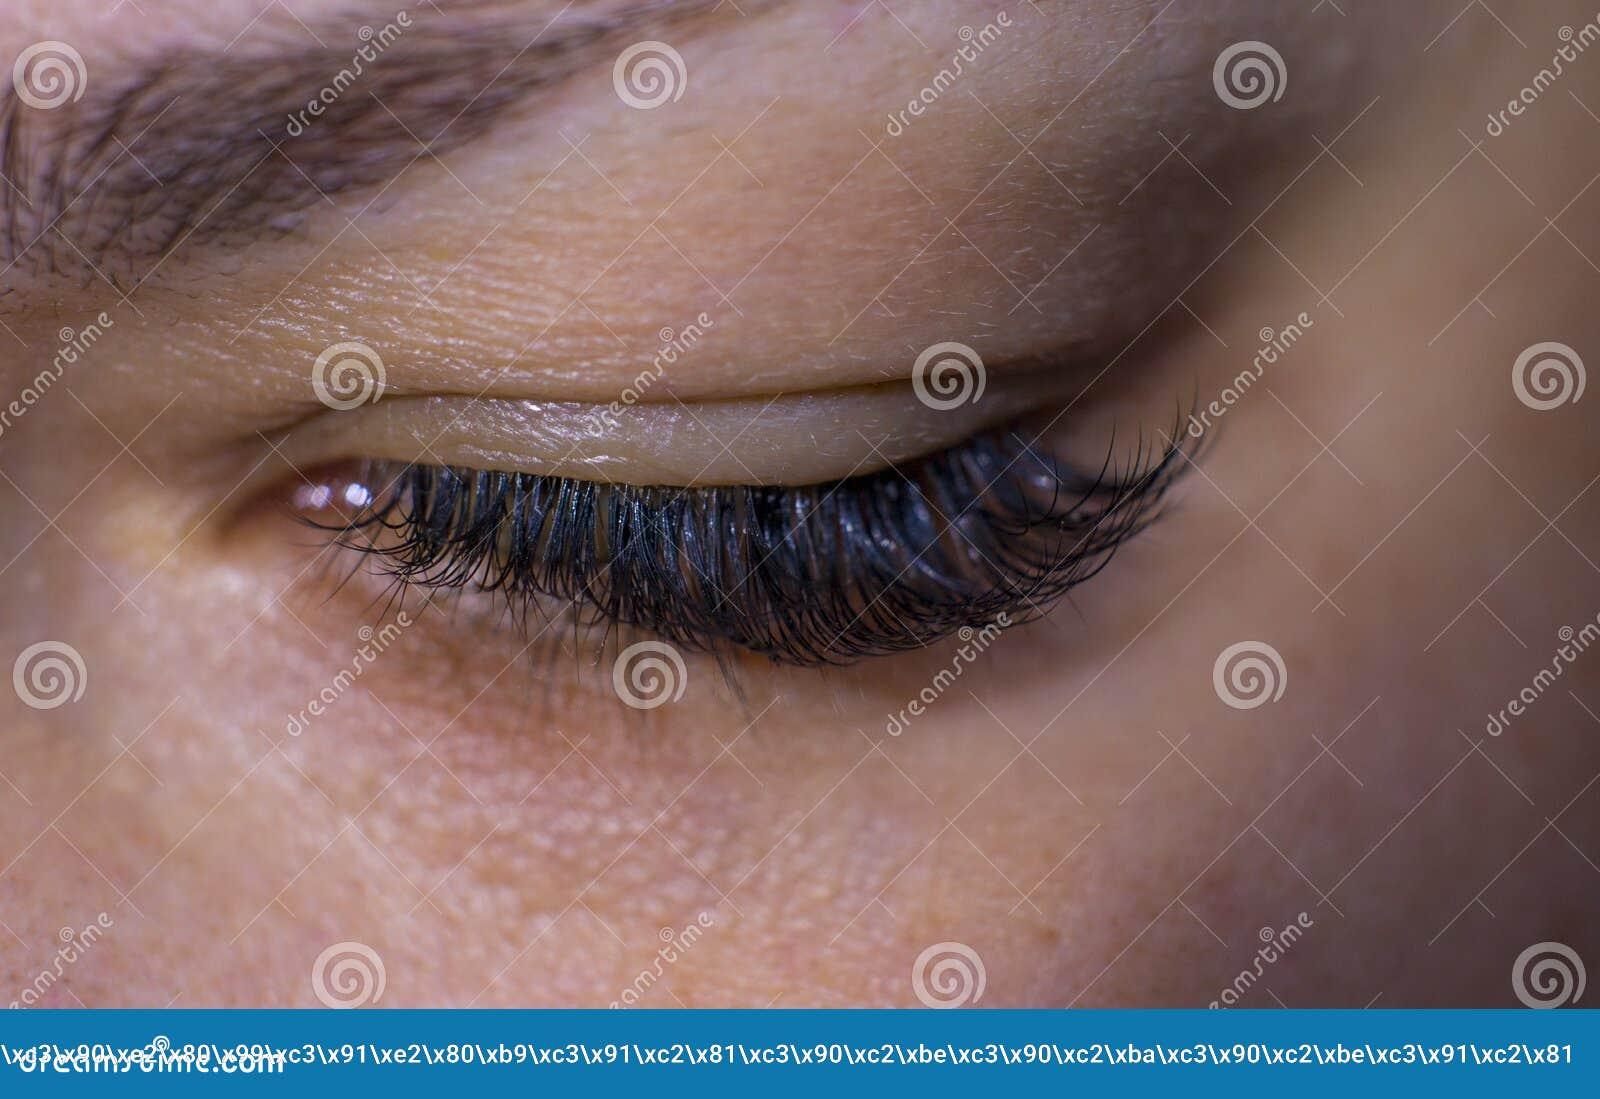 Die Wimpern der Schönheiten